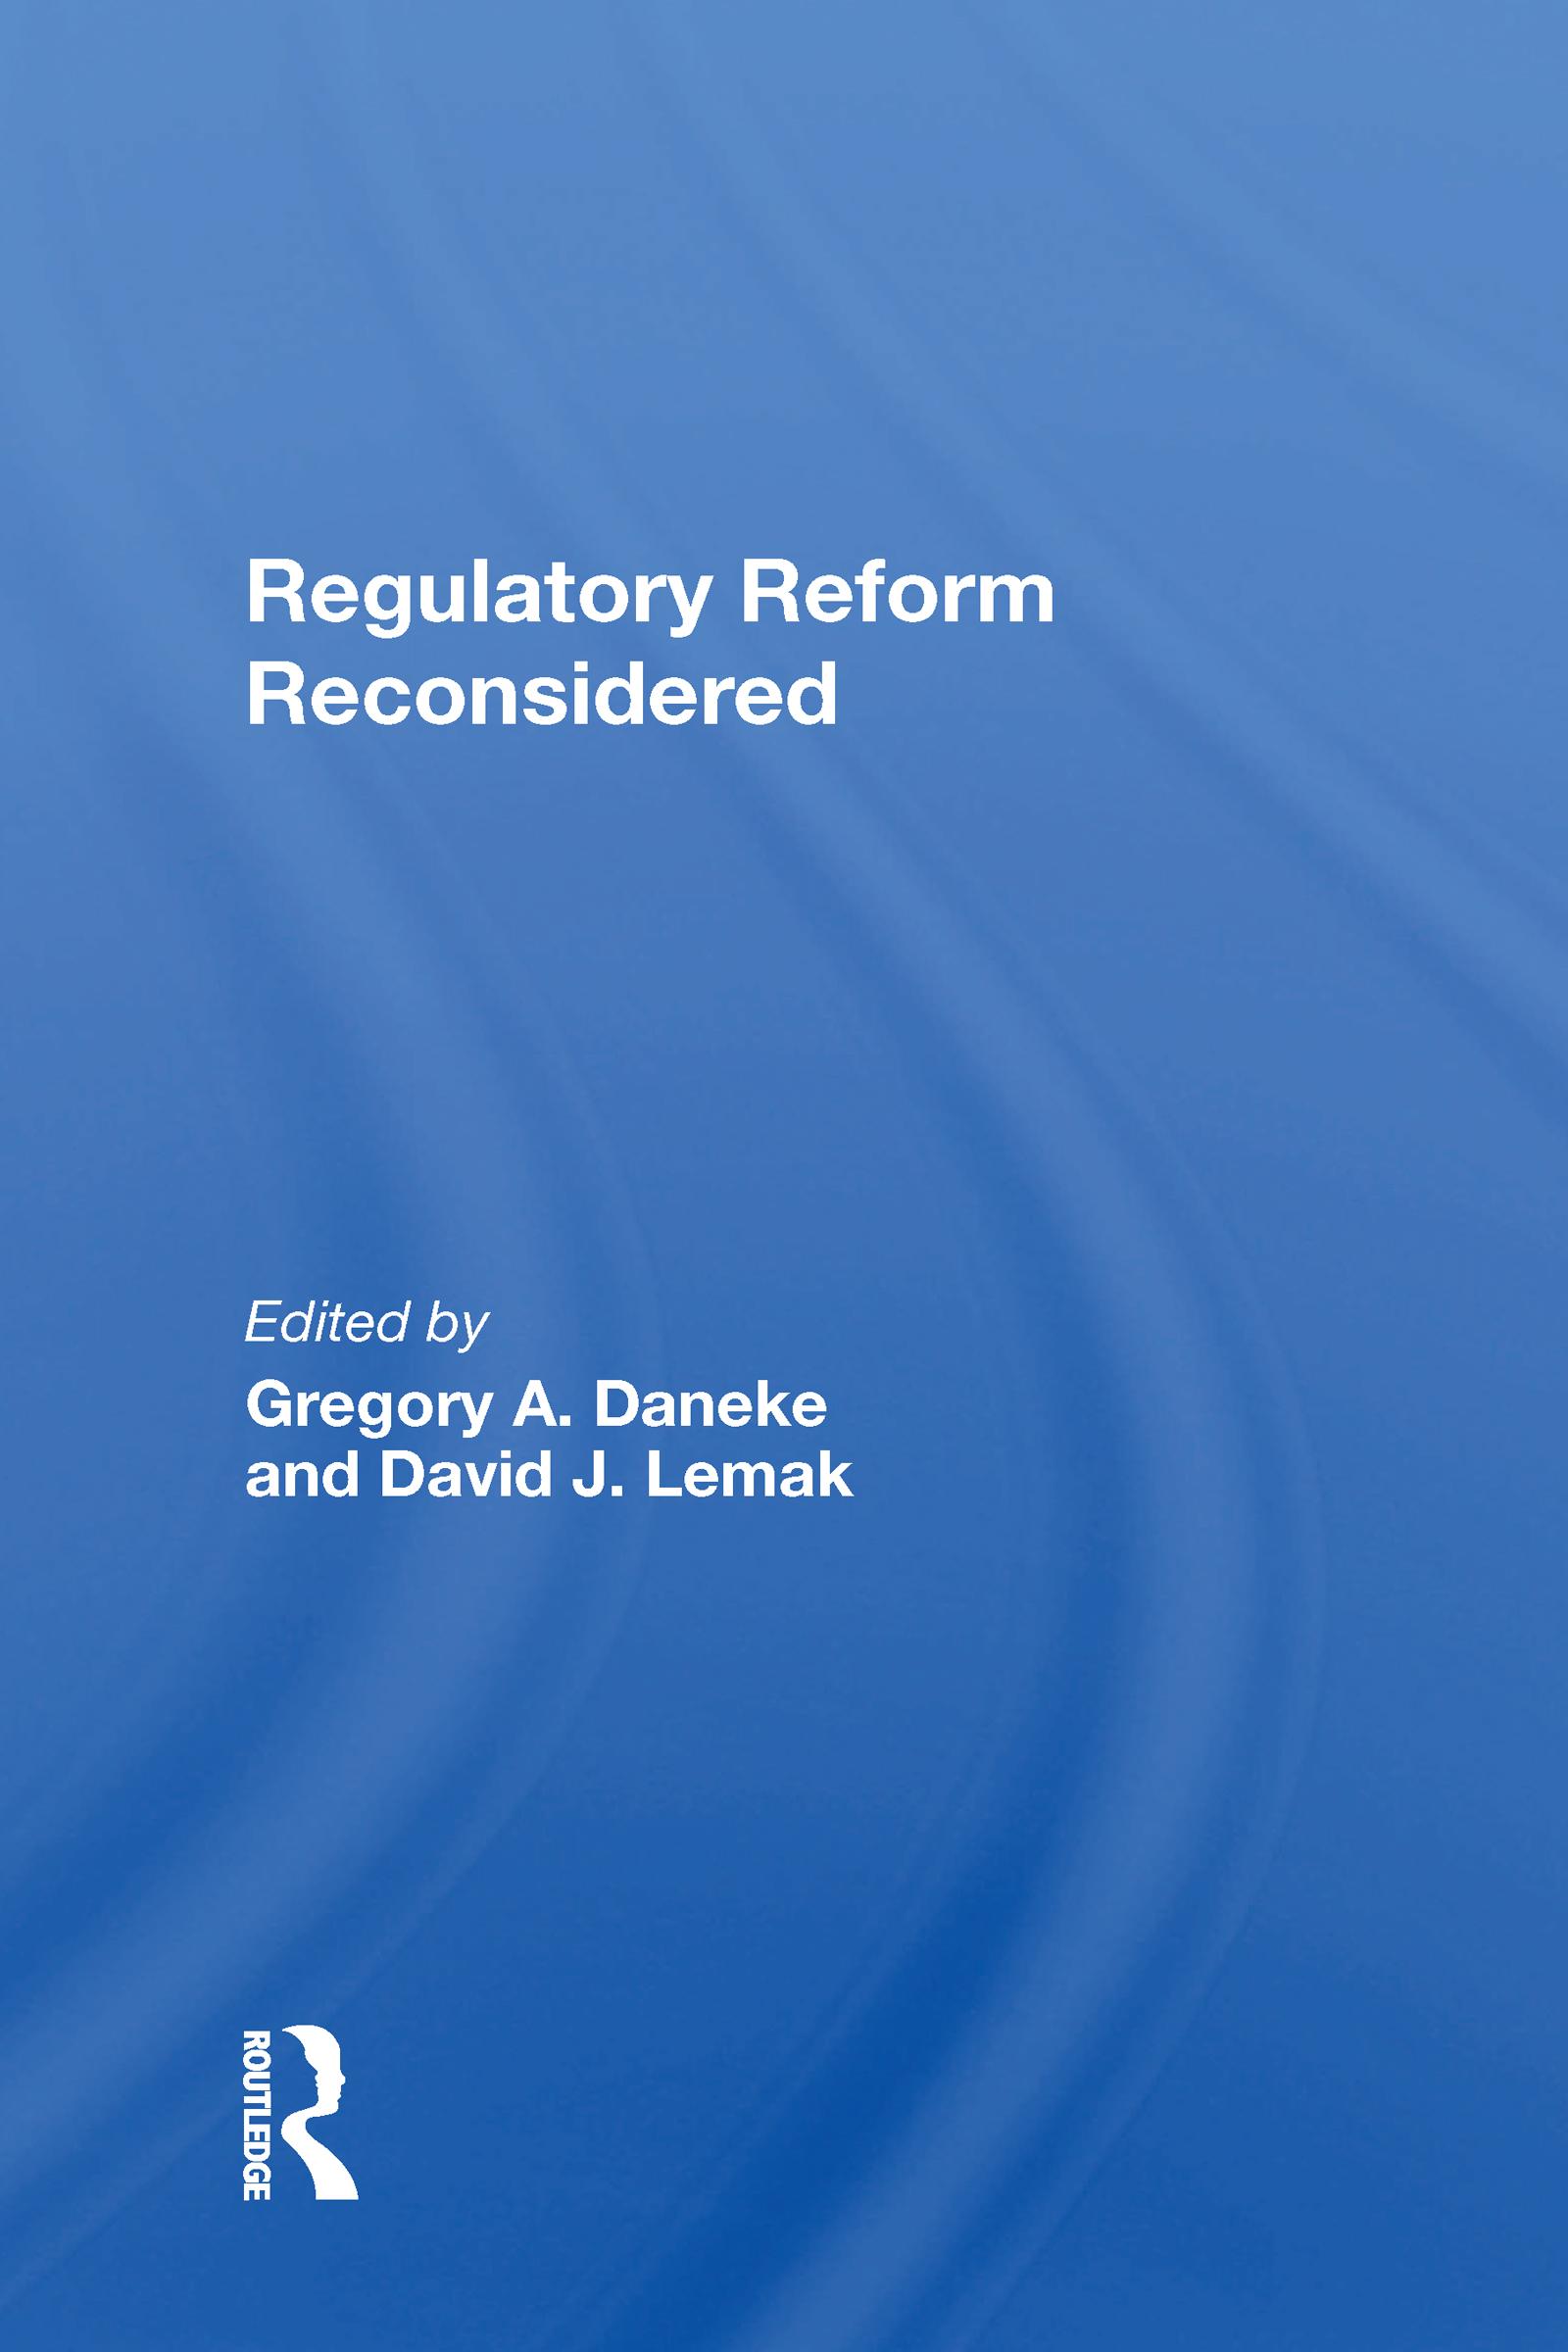 Regulatory Reform Reconsidered